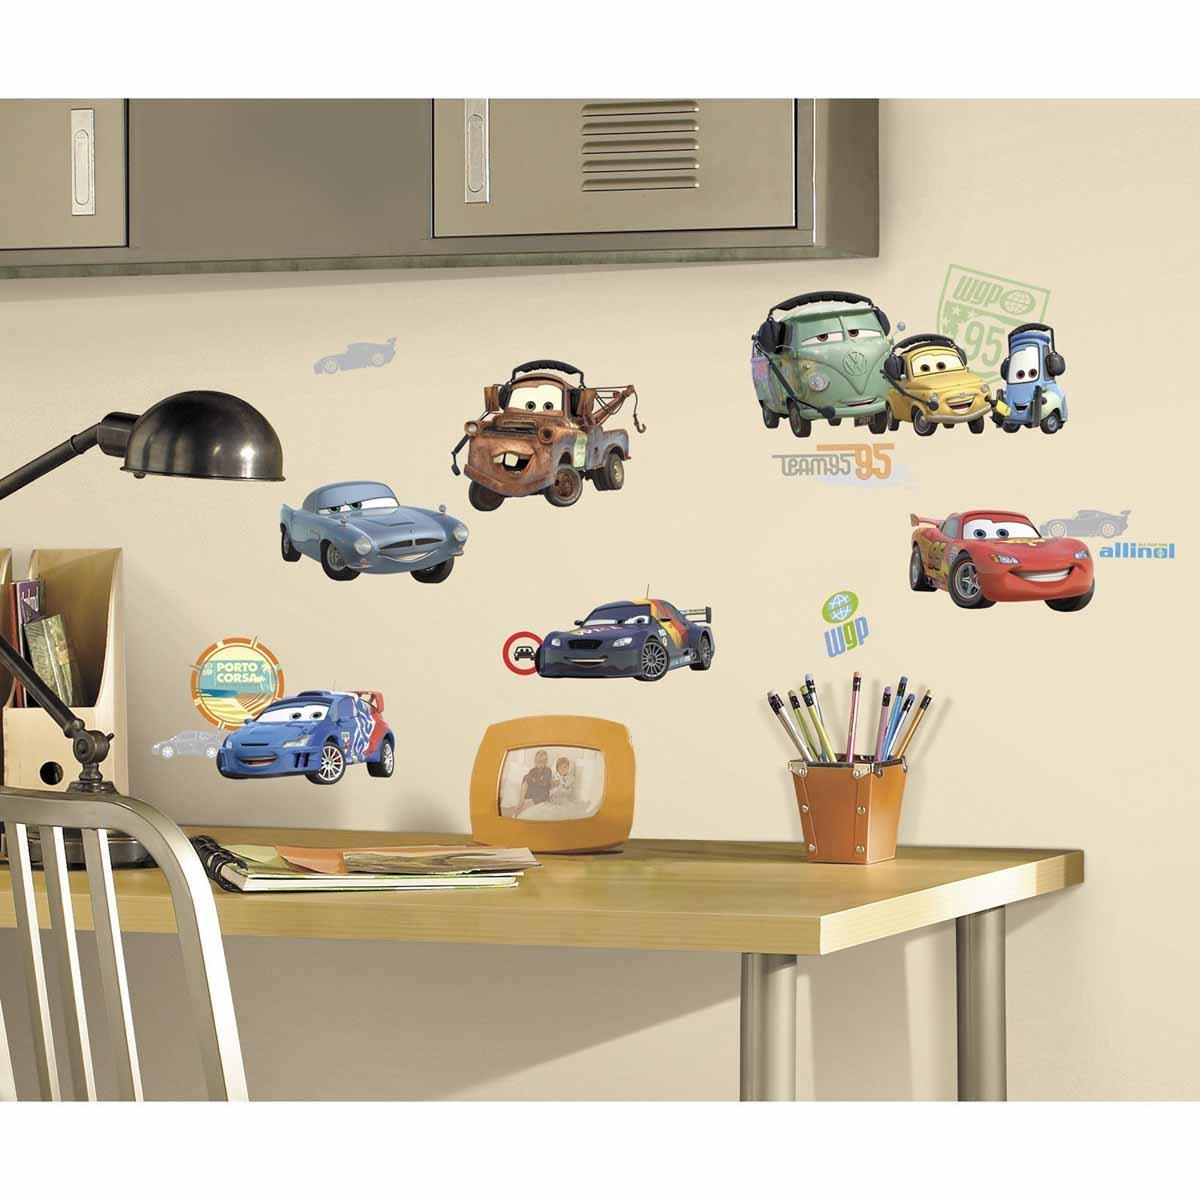 RoomMates Наклейка интерьерная Тачки 26 штRMK1583SCSНаклейки для декора Тачки от знаменитого производителя RoomMates станут украшением вашей квартиры! Привнесите атмосферу знаменитого диснеевского мультфильма в комнату вашего ребенка! Наклейки, входящие в набор, содержат изображения любимых персонажей вашего ребенка: Молнии МакКуина, Мэтра и других! Всего в наборе 26 стикеров. Наклейки не нужно вырезать - их следует просто отсоединить от защитного слоя и поместить на стену или любую другую плоскую гладкую поверхность. Наклейки многоразовые: их легко переклеивать и снимать со стены, они не оставляют липких следов на поверхности. В упаковке вы найдете 4 листа с наклейками.